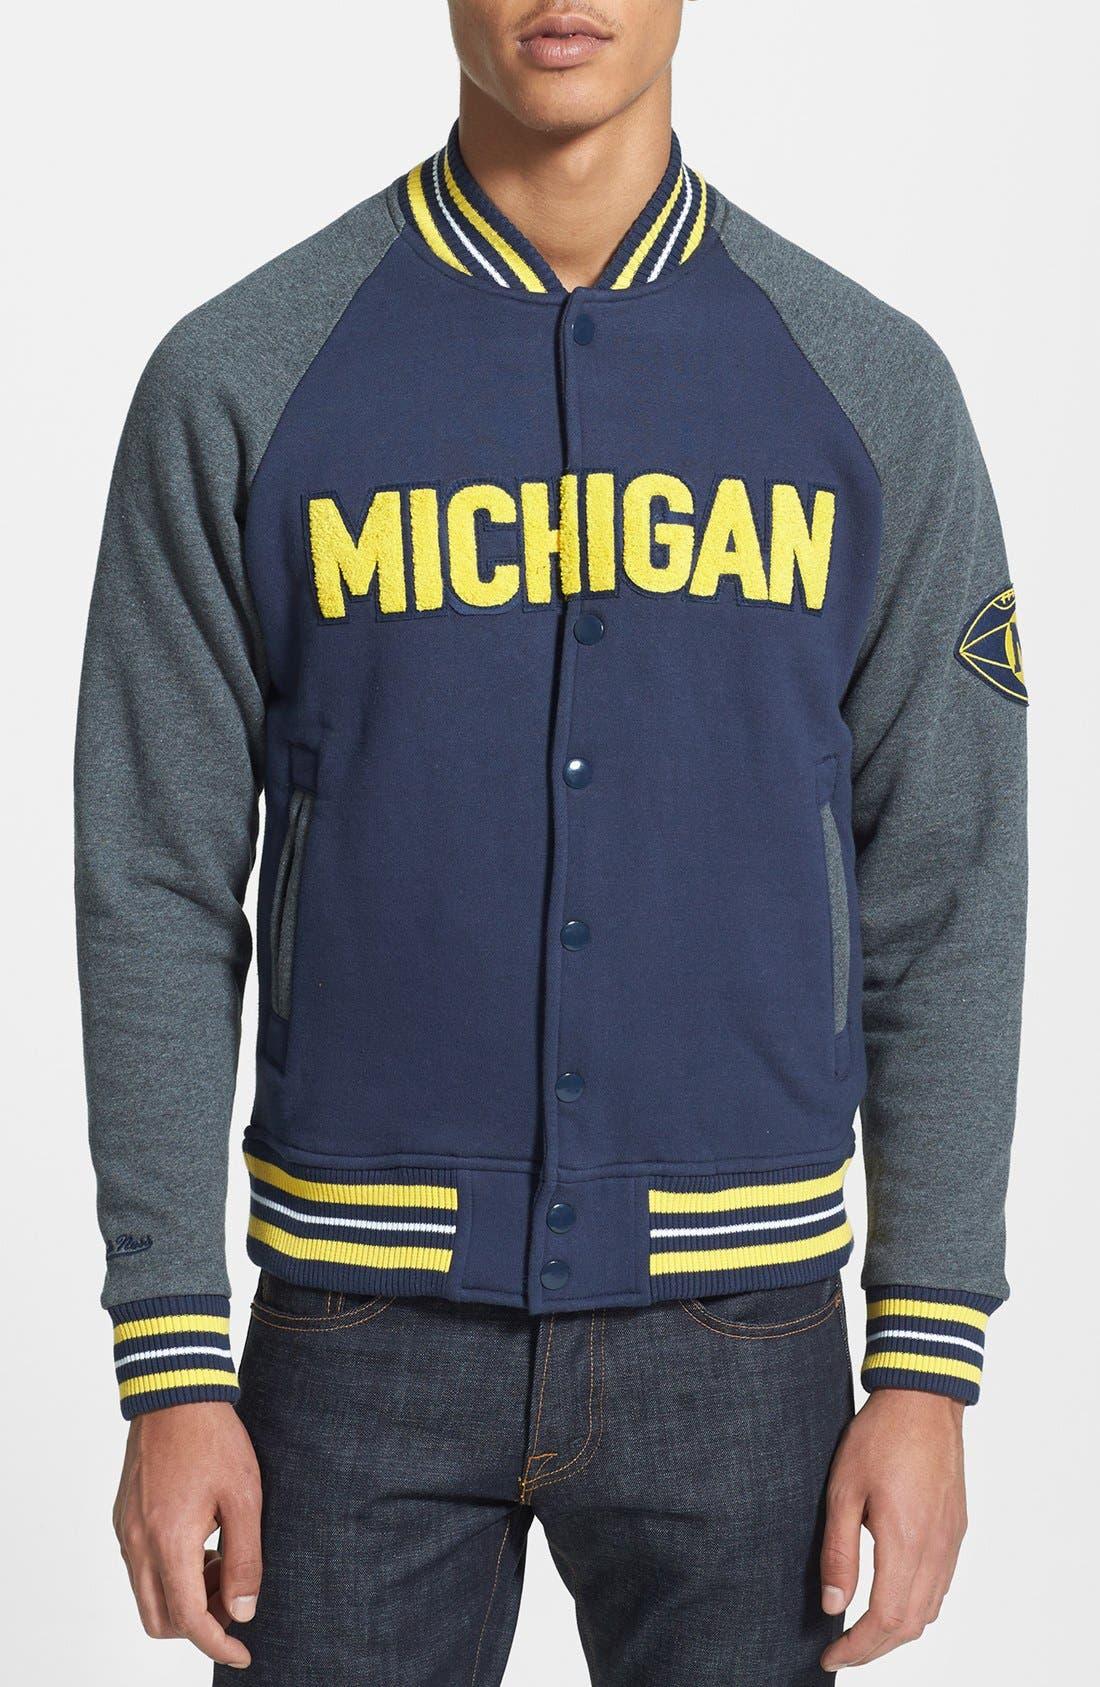 Alternate Image 1 Selected - Mitchell & Ness 'Backward Pass - Michigan' Fleece Jacket